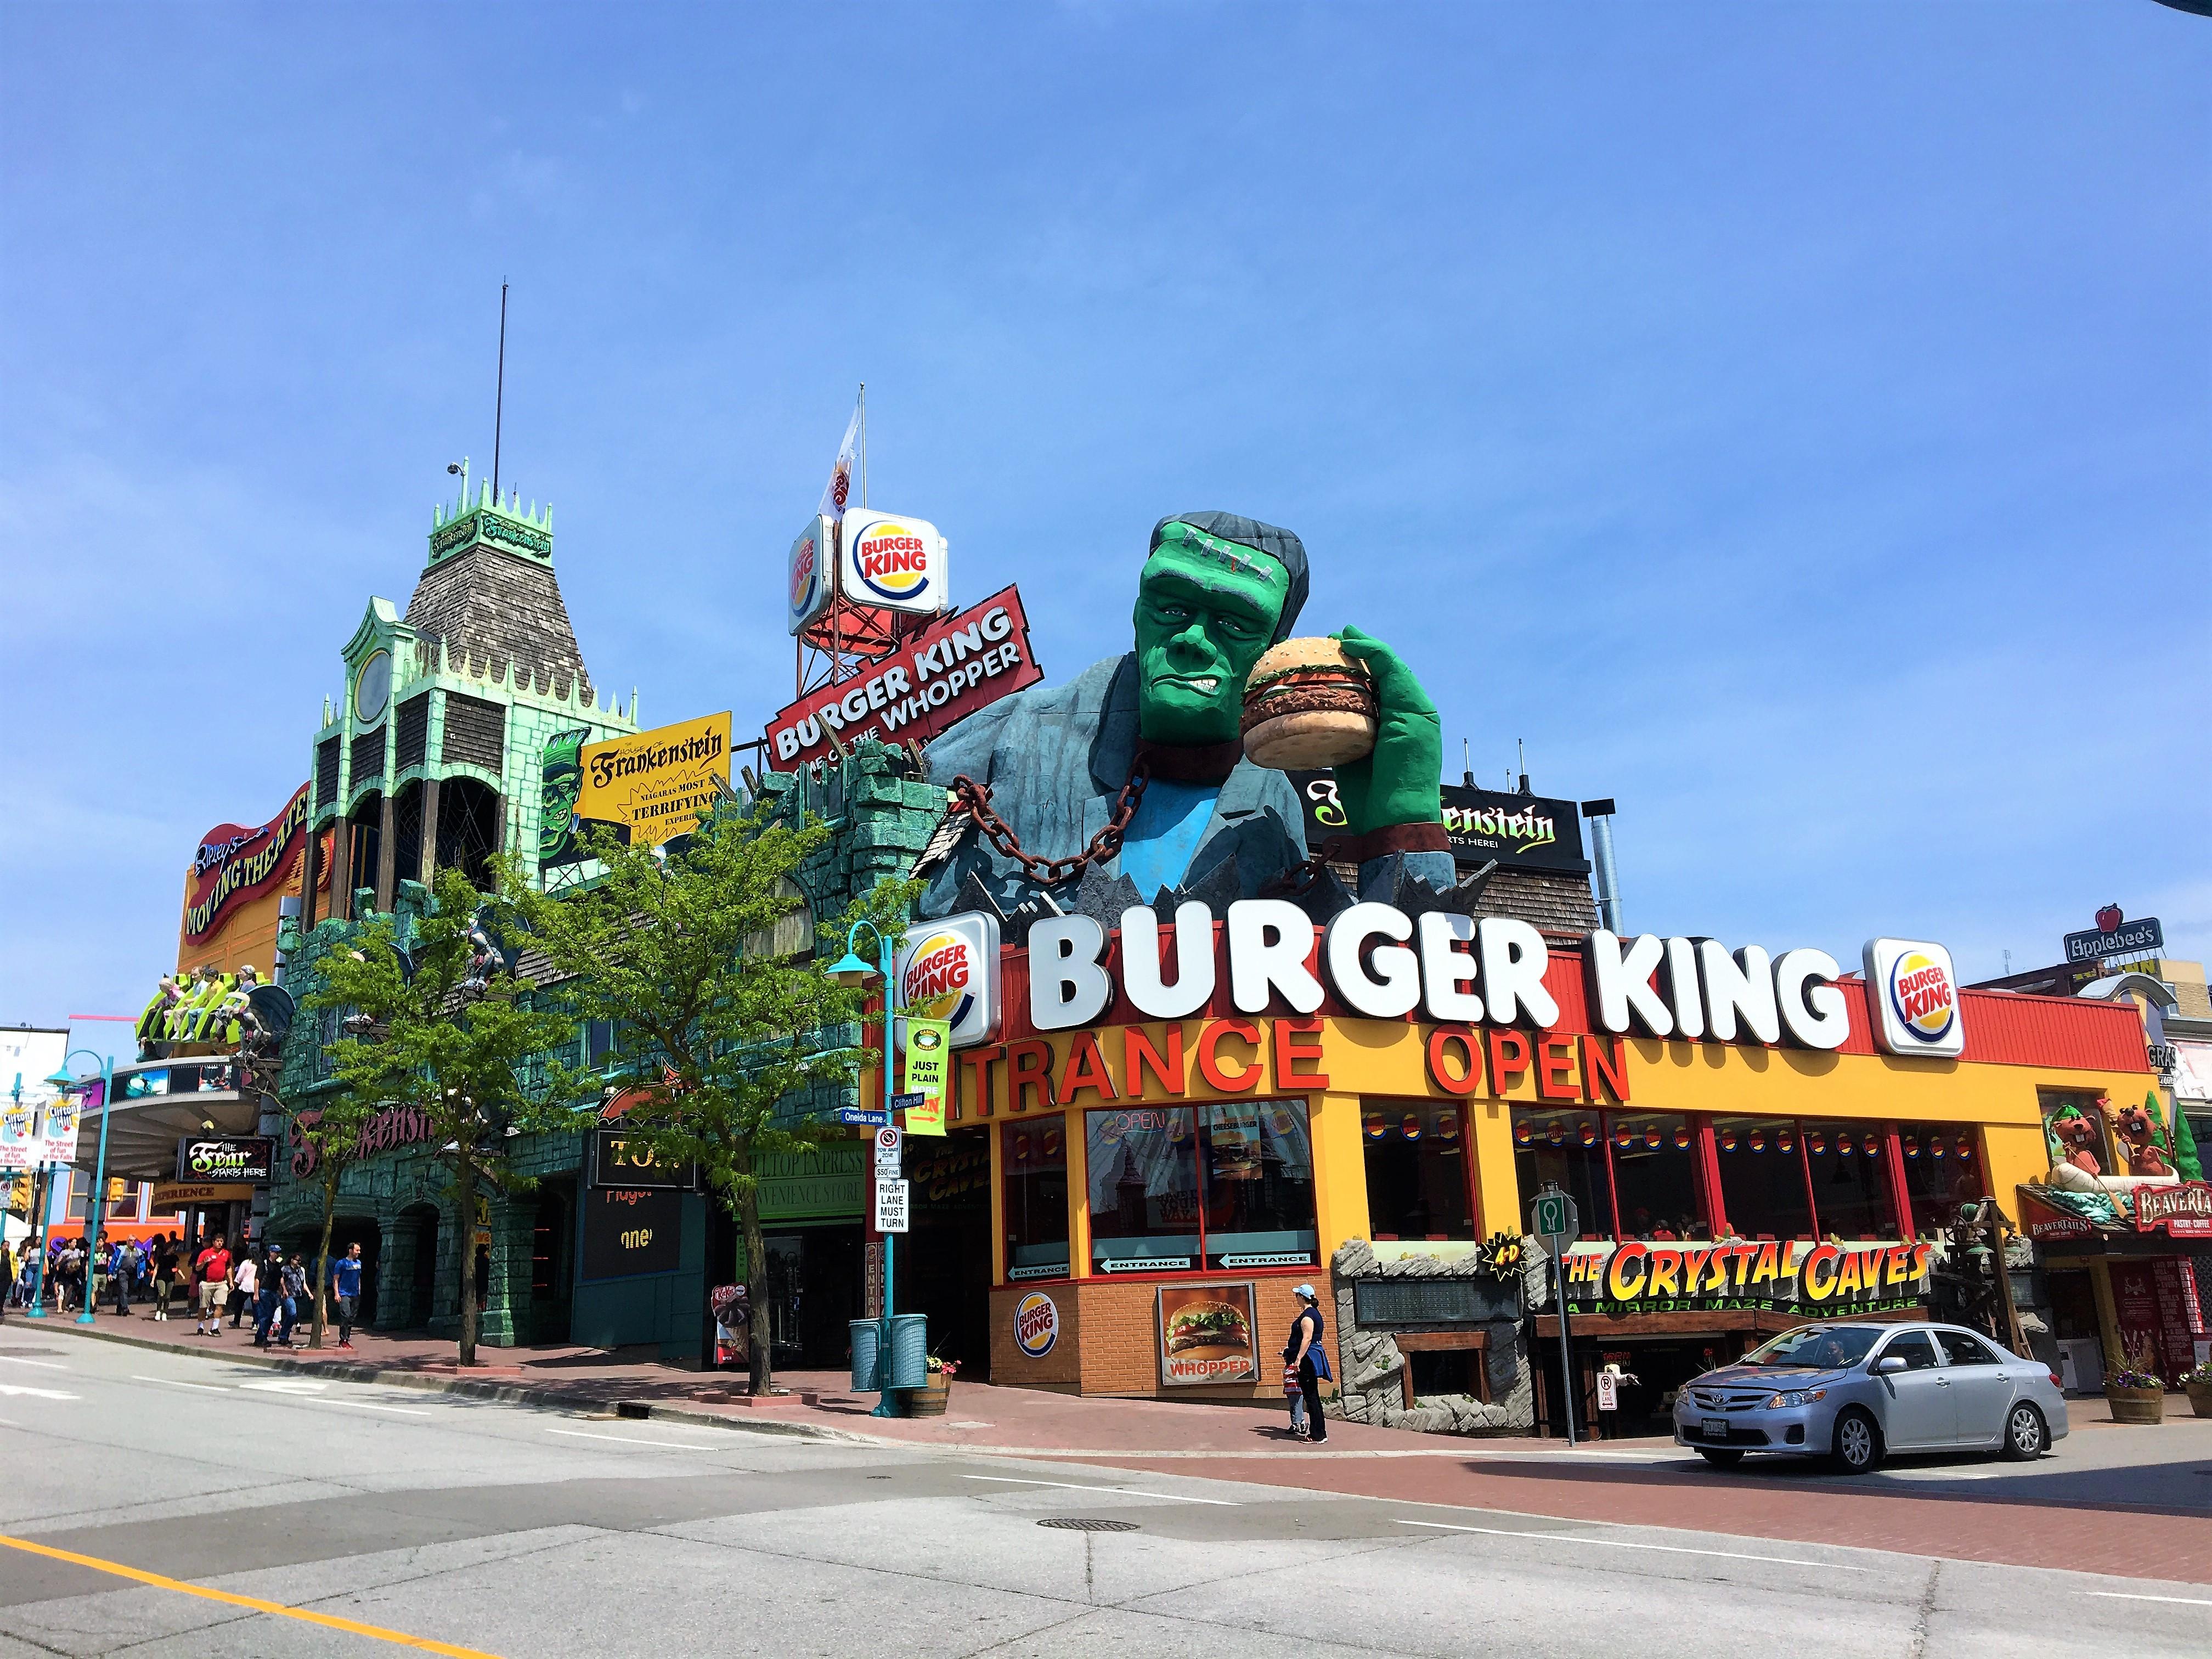 bobs burgery szybkie randki dobry chwytliwy nagłówek randkowy